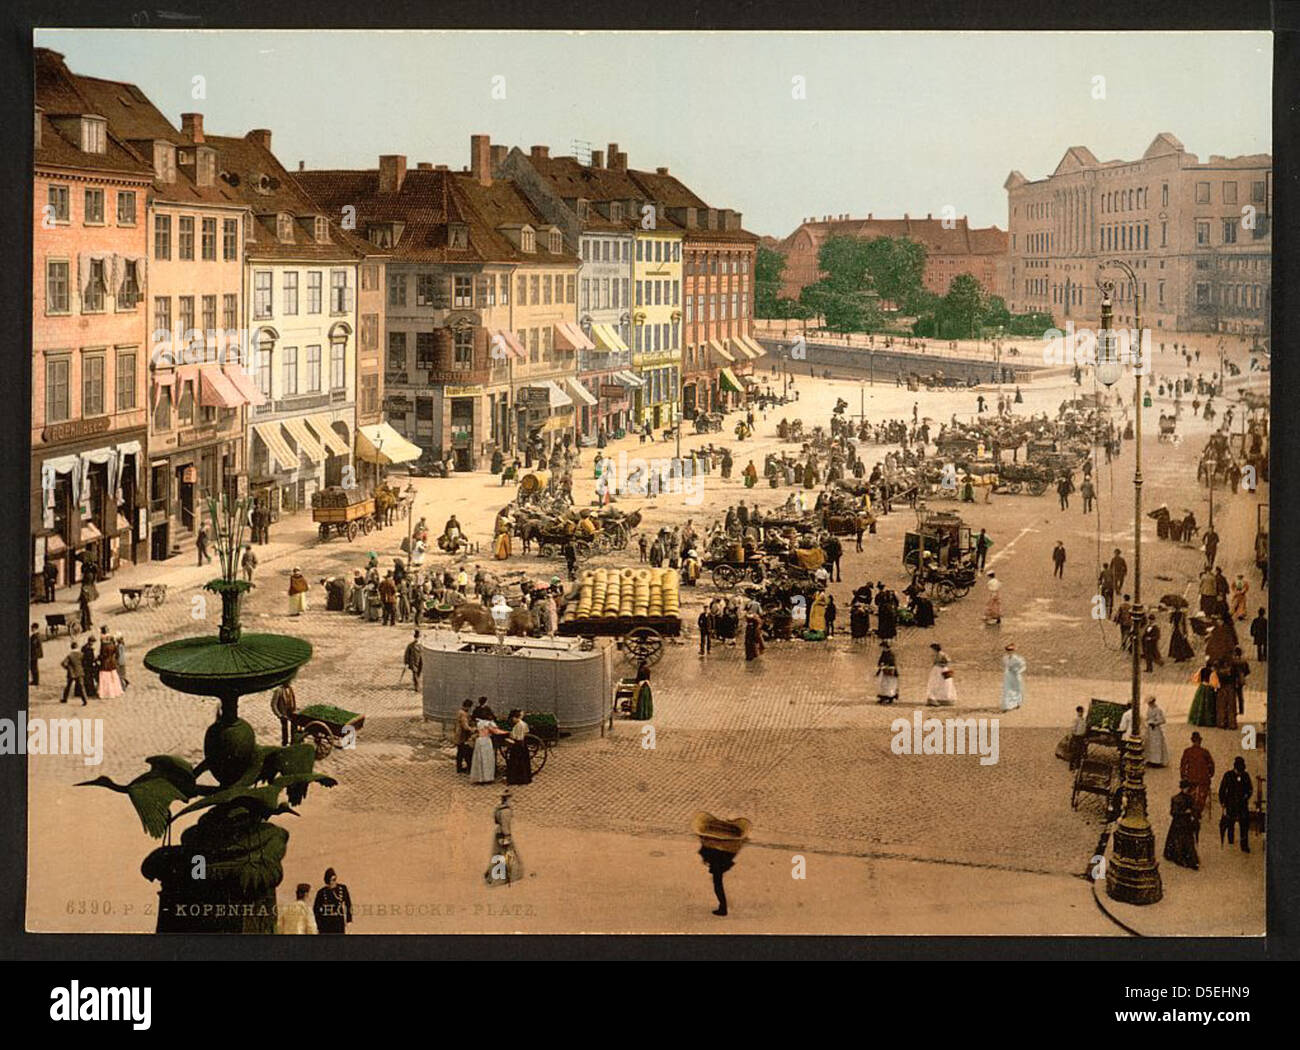 [Hochbrucke Square, Copenhagen, Denmark] (LOC) - Stock Image